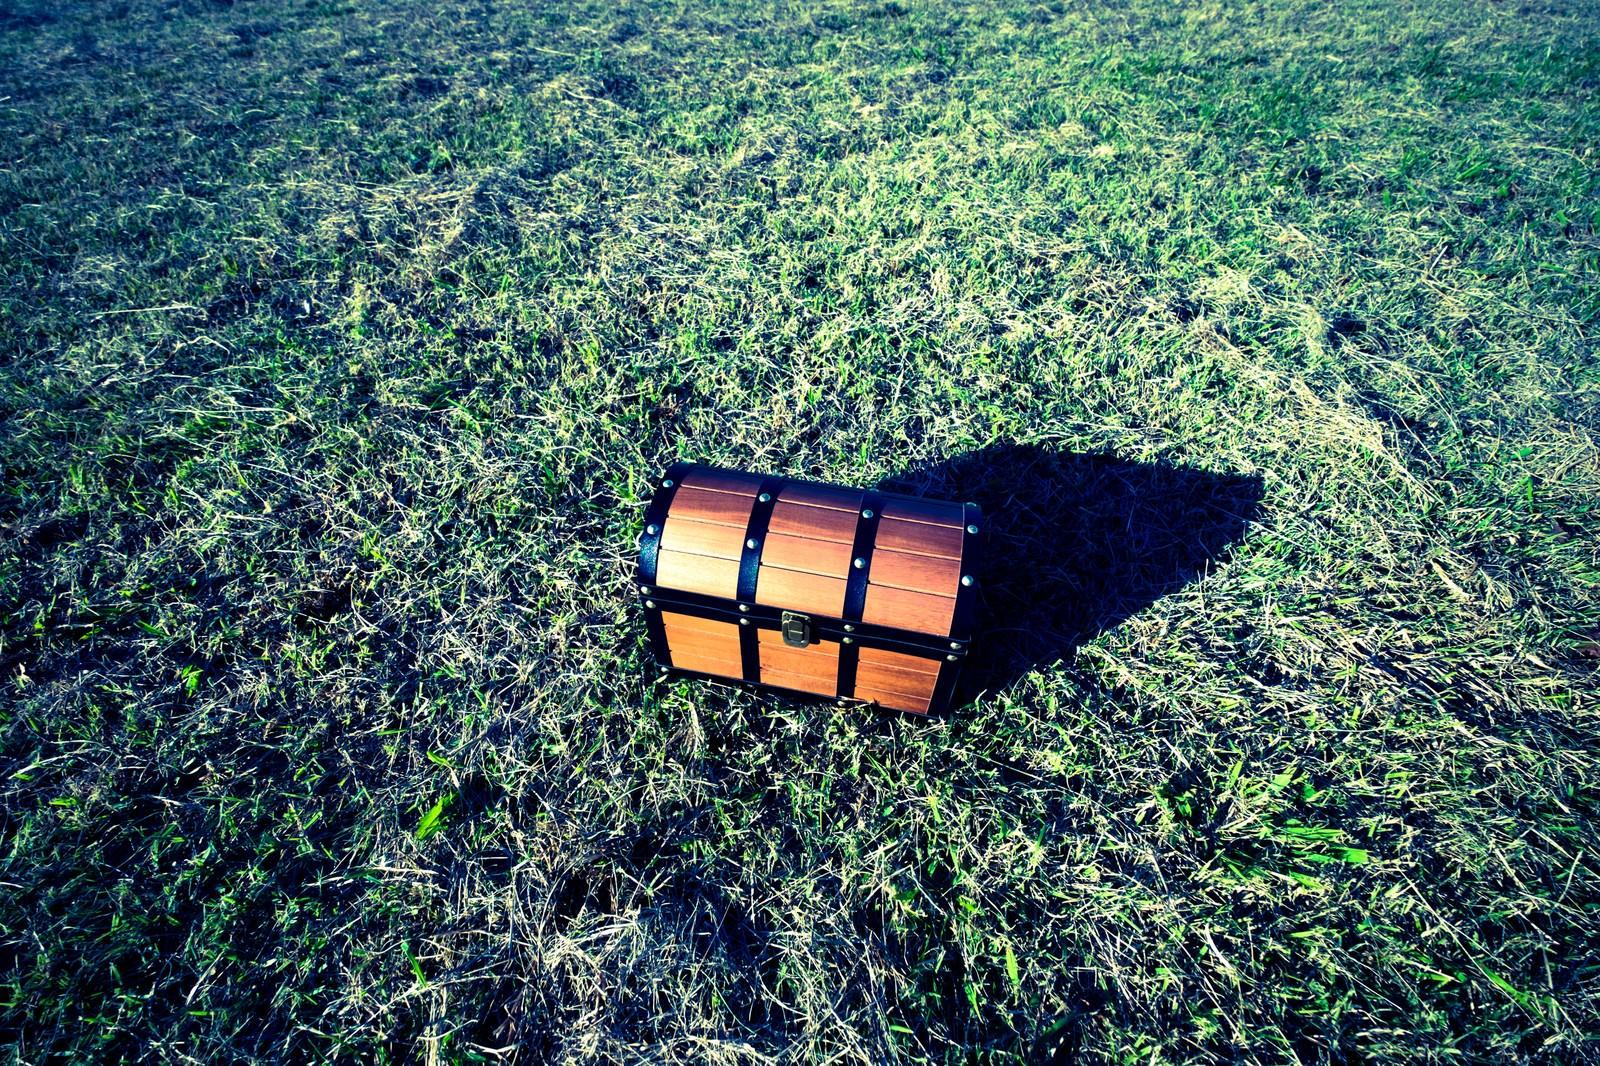 「草原に置かれた宝箱」の写真